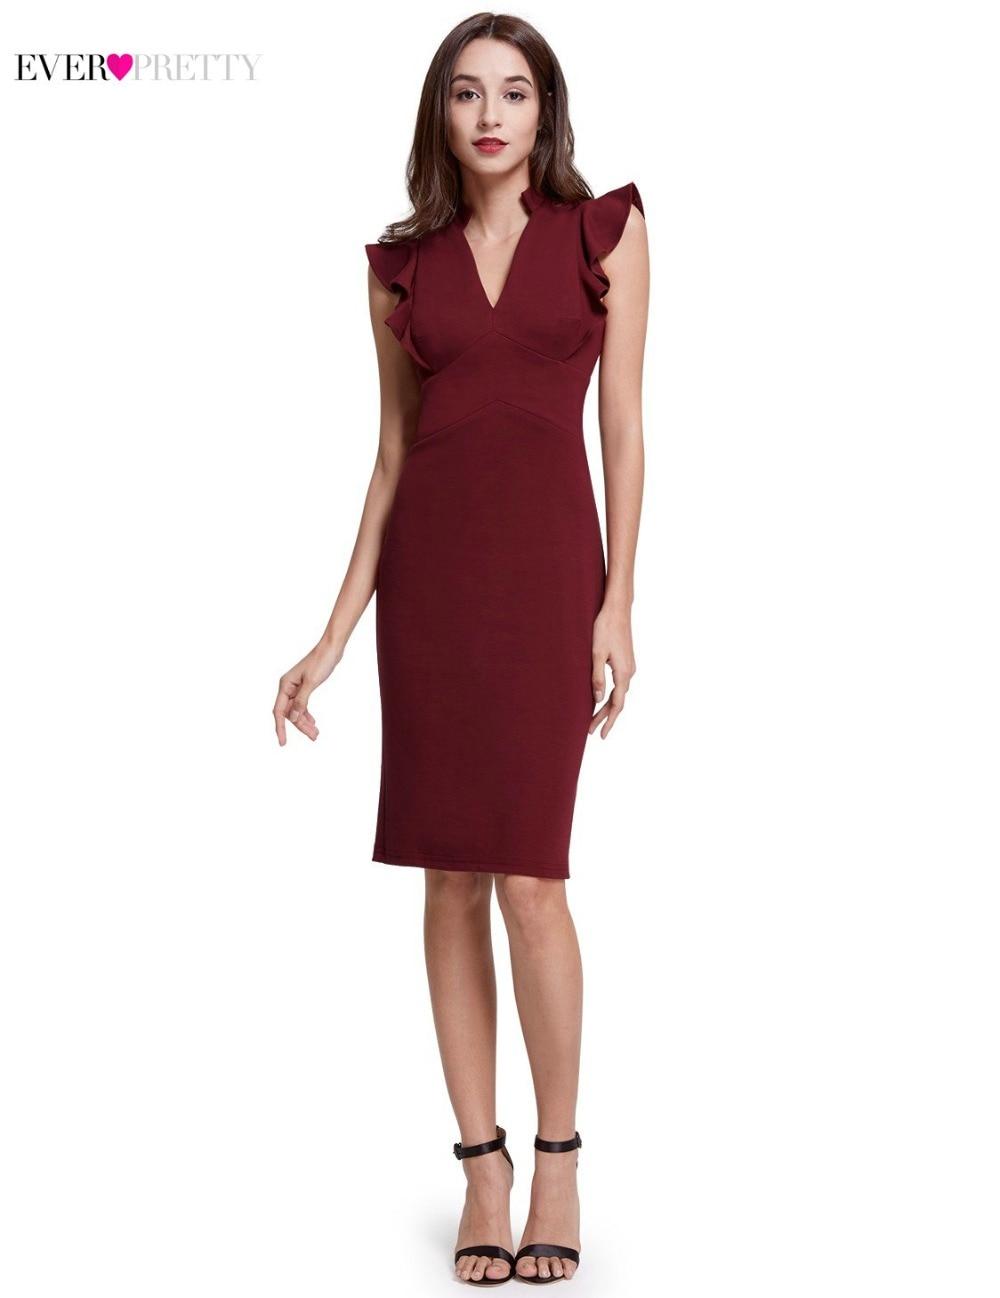 Gorąca sprzedaż burgundowe sukienki koktajlowe 2018 Ever Pretty - Suknie specjalne okazje - Zdjęcie 3